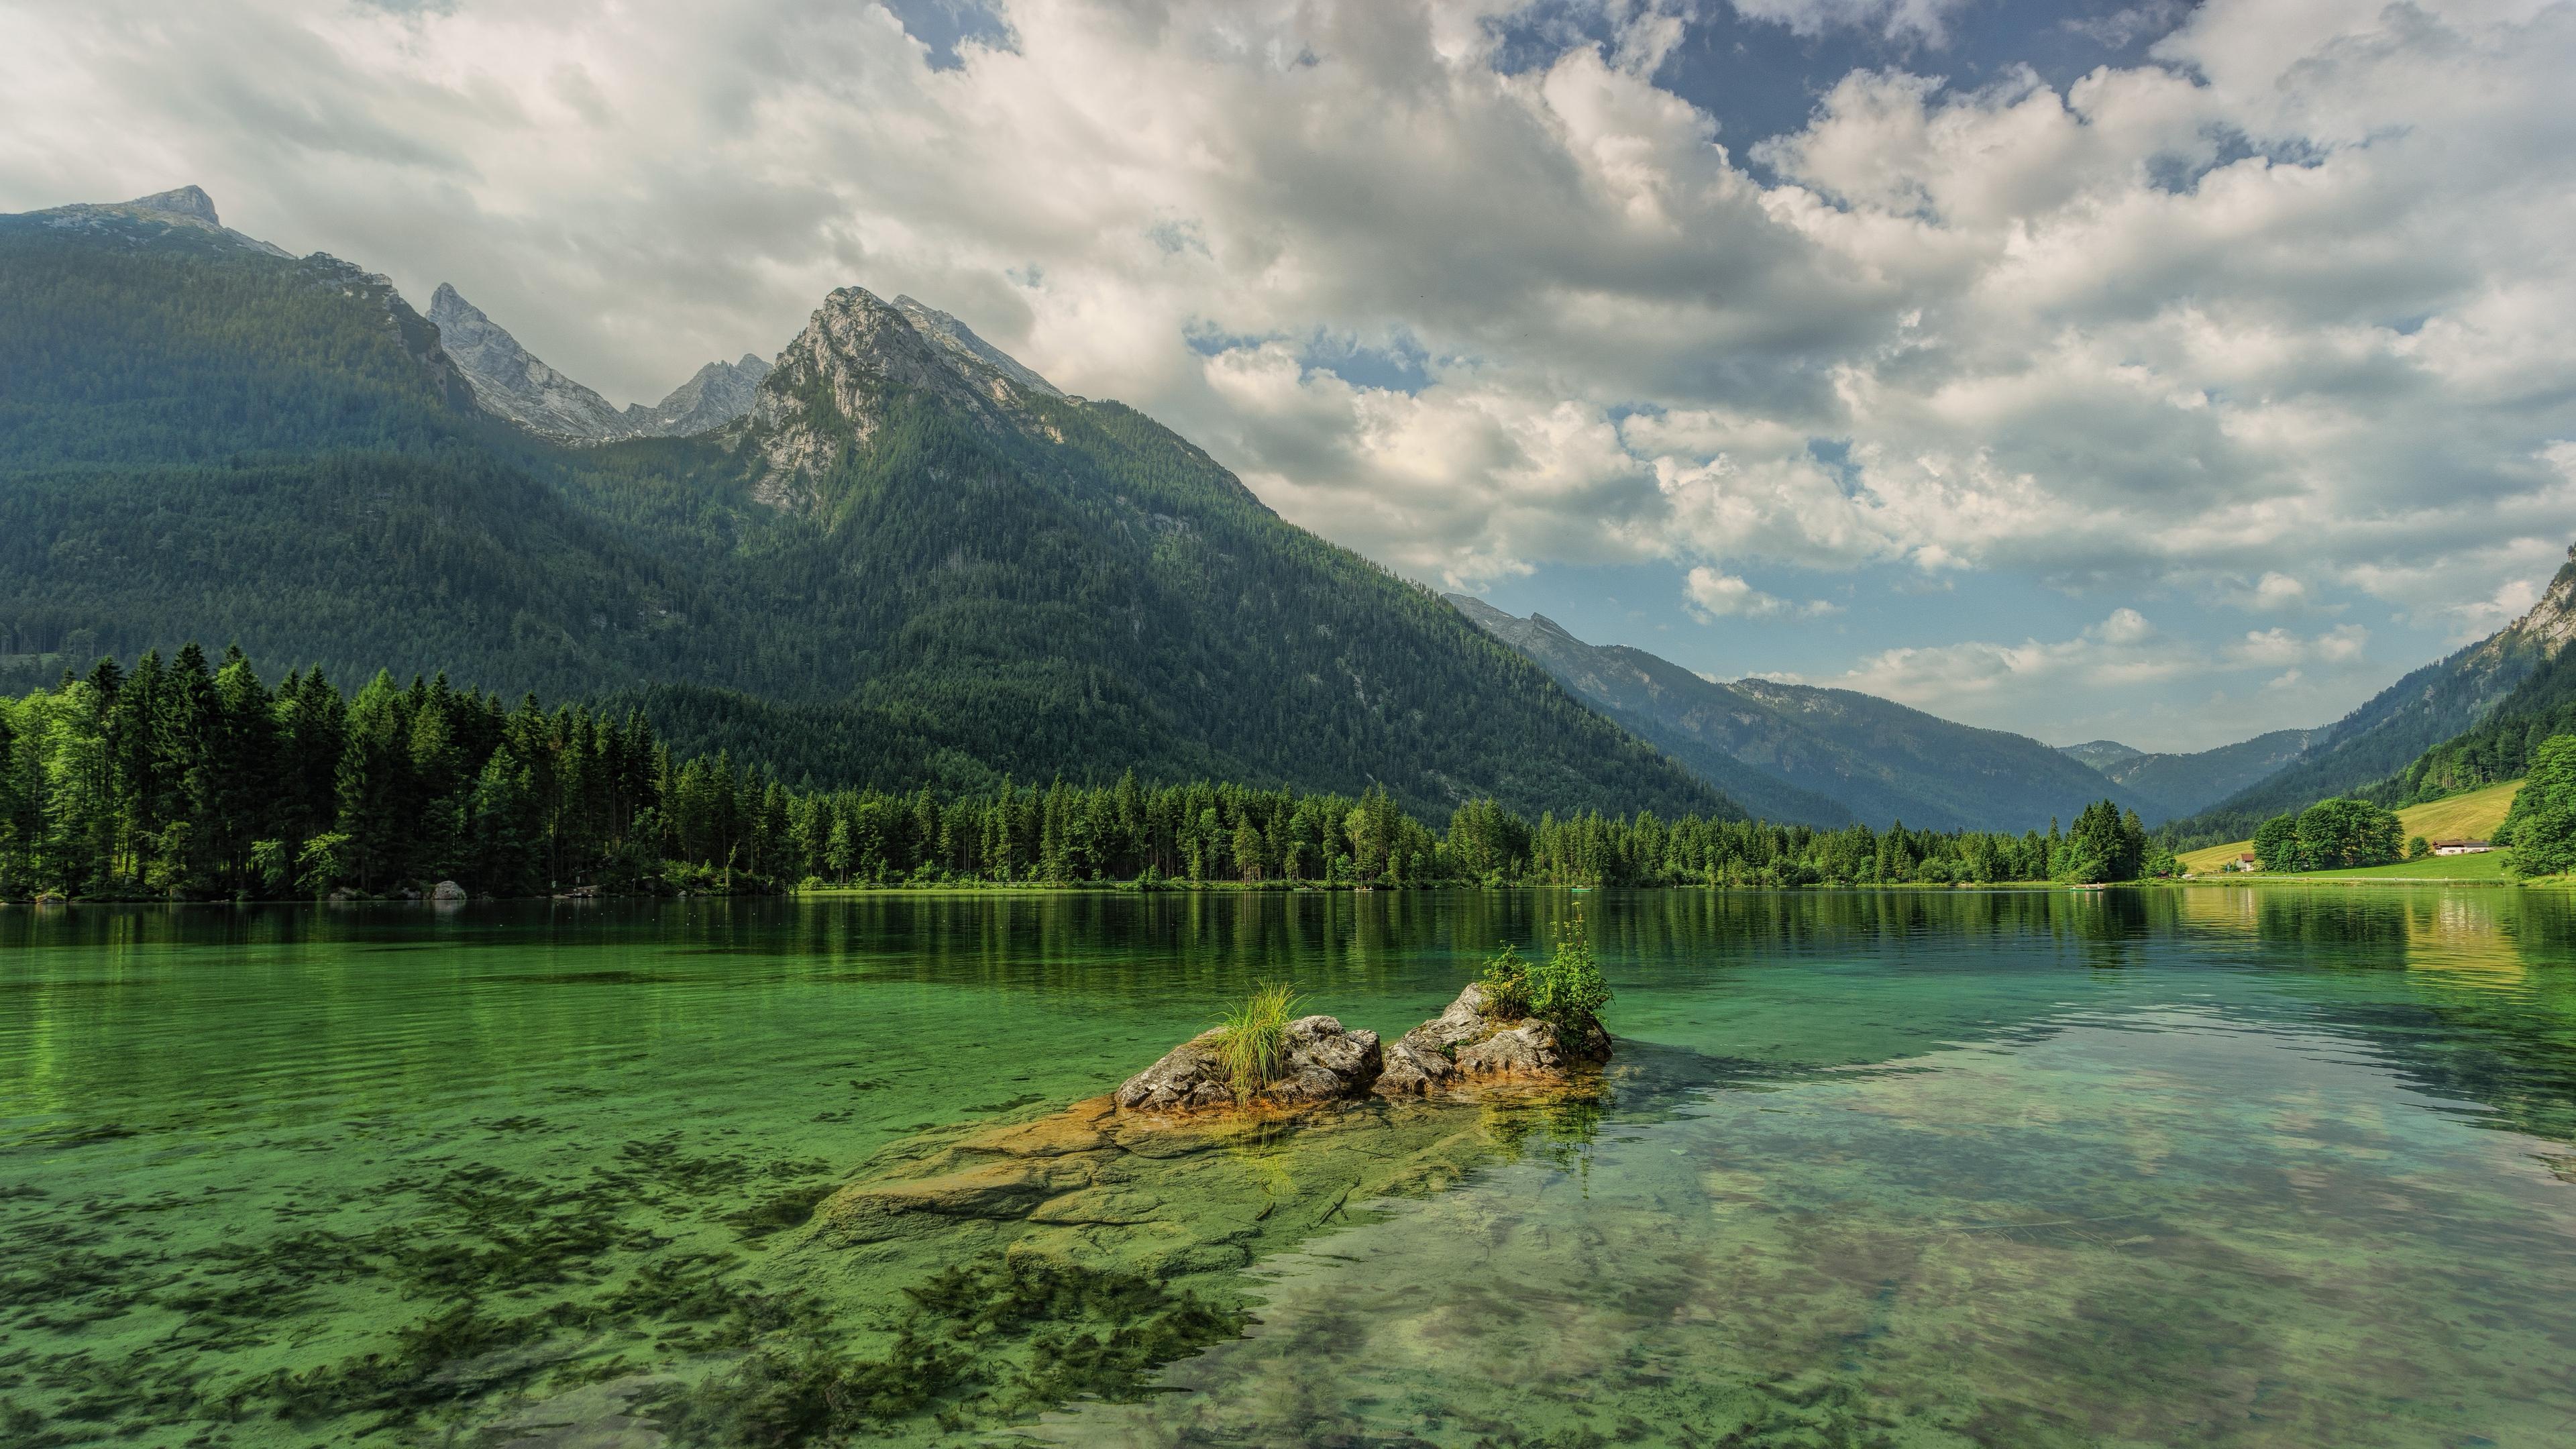 mountains lake hintersee austria 4k 1541117901 - mountains, lake, hintersee, austria 4k - Mountains, Lake, hintersee